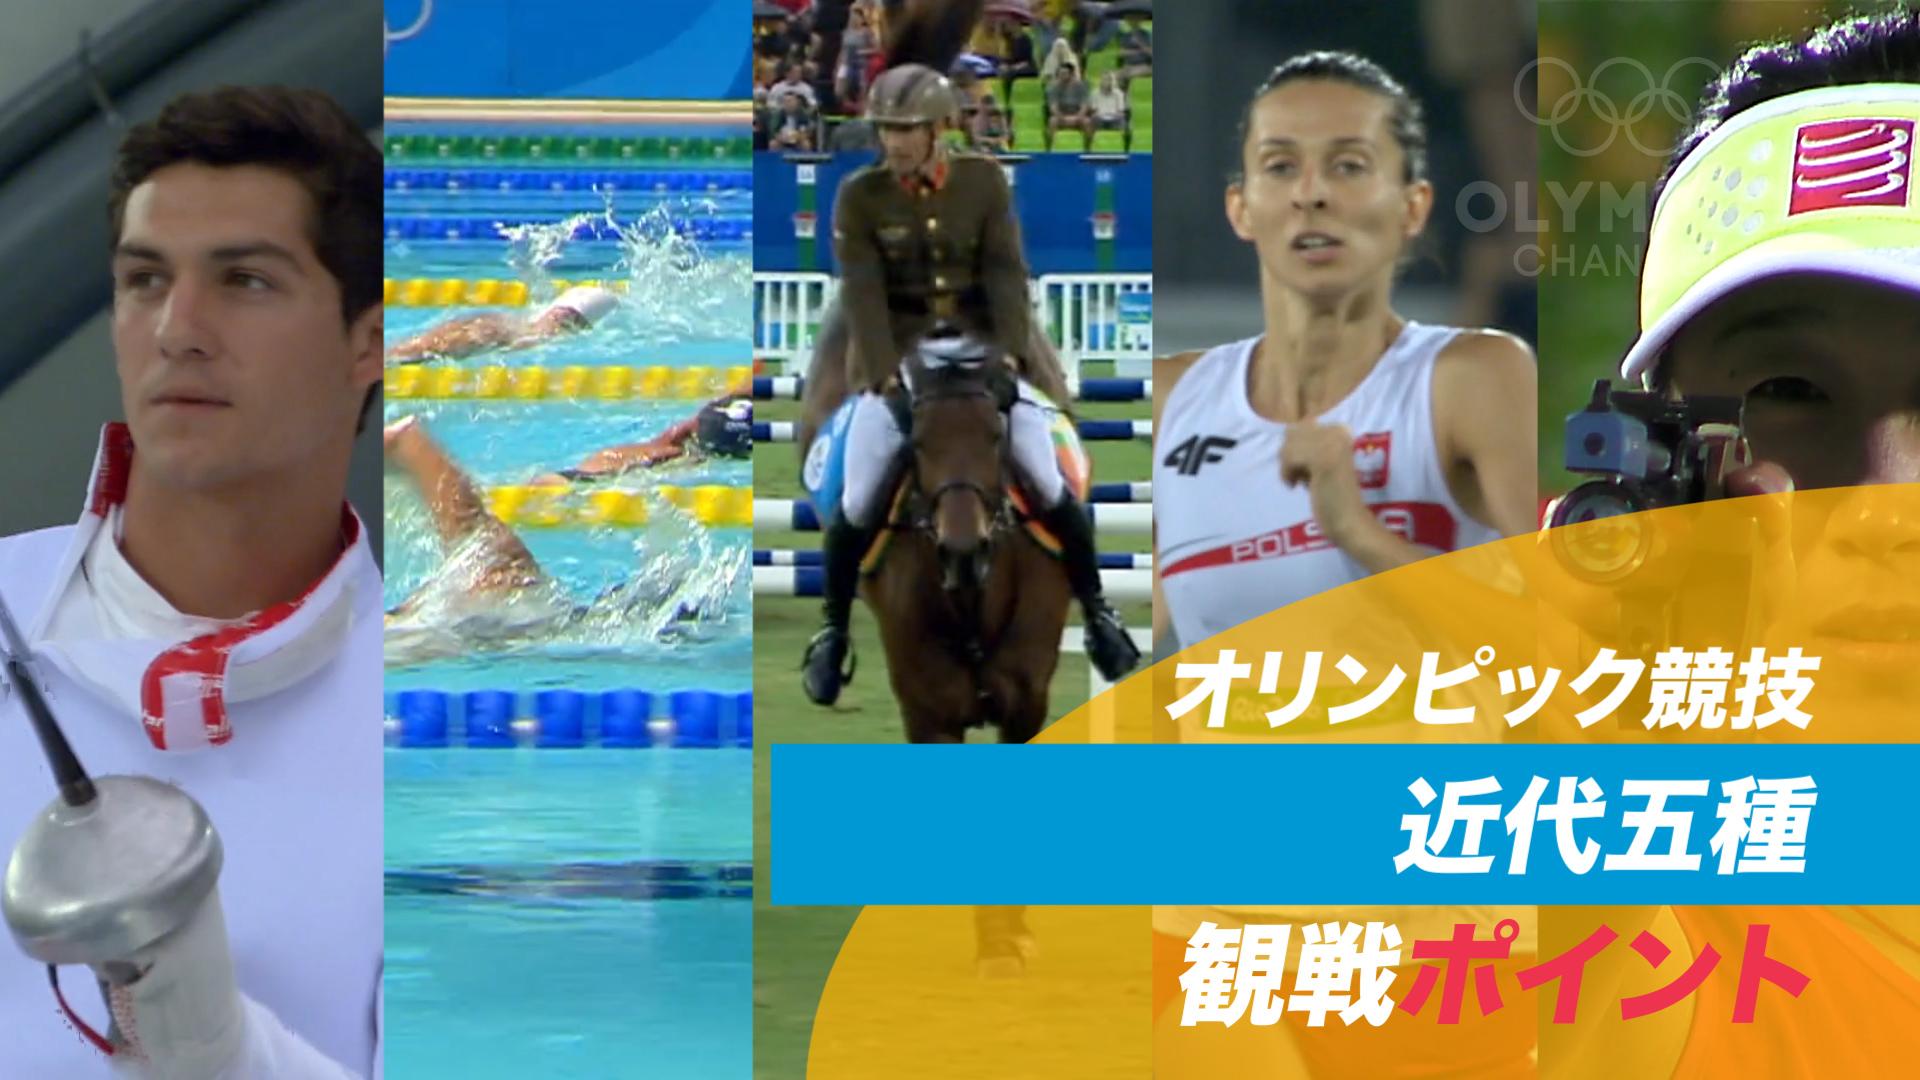 オリンピック競技 観戦ポイント 近代五種